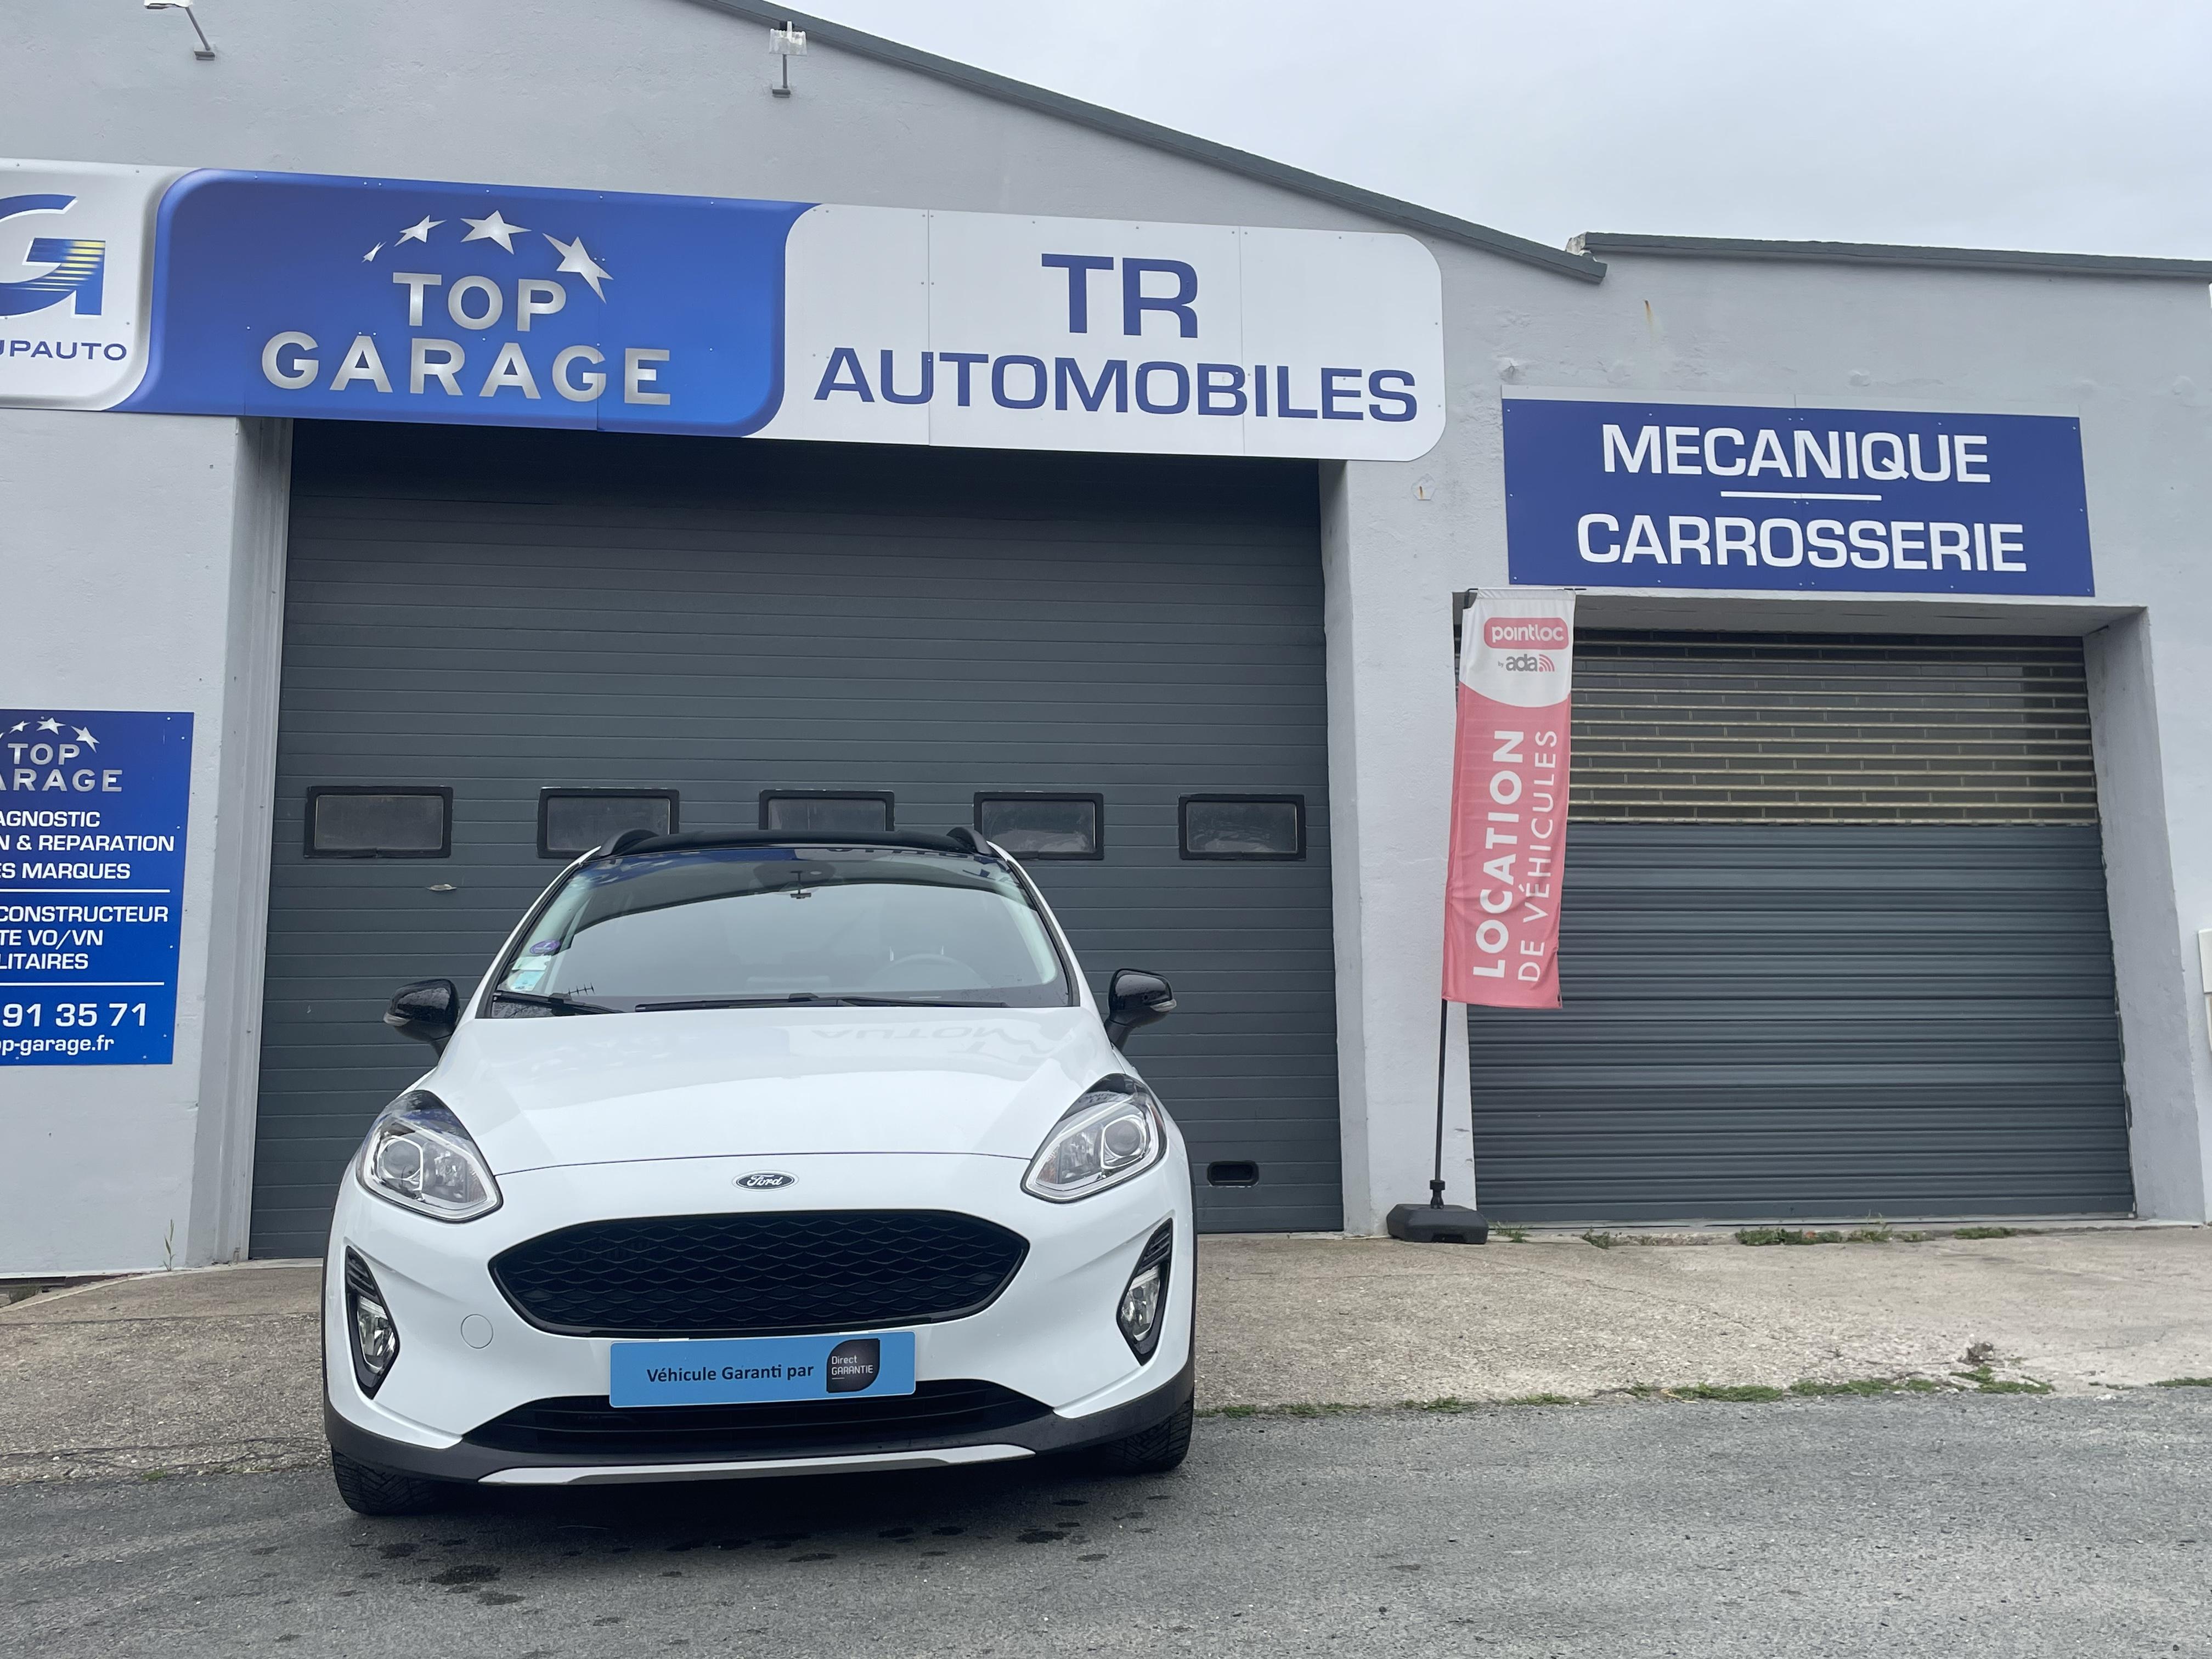 Bmw BMW 120dA Xdrive M Sport 5p 61000Km - Image 3